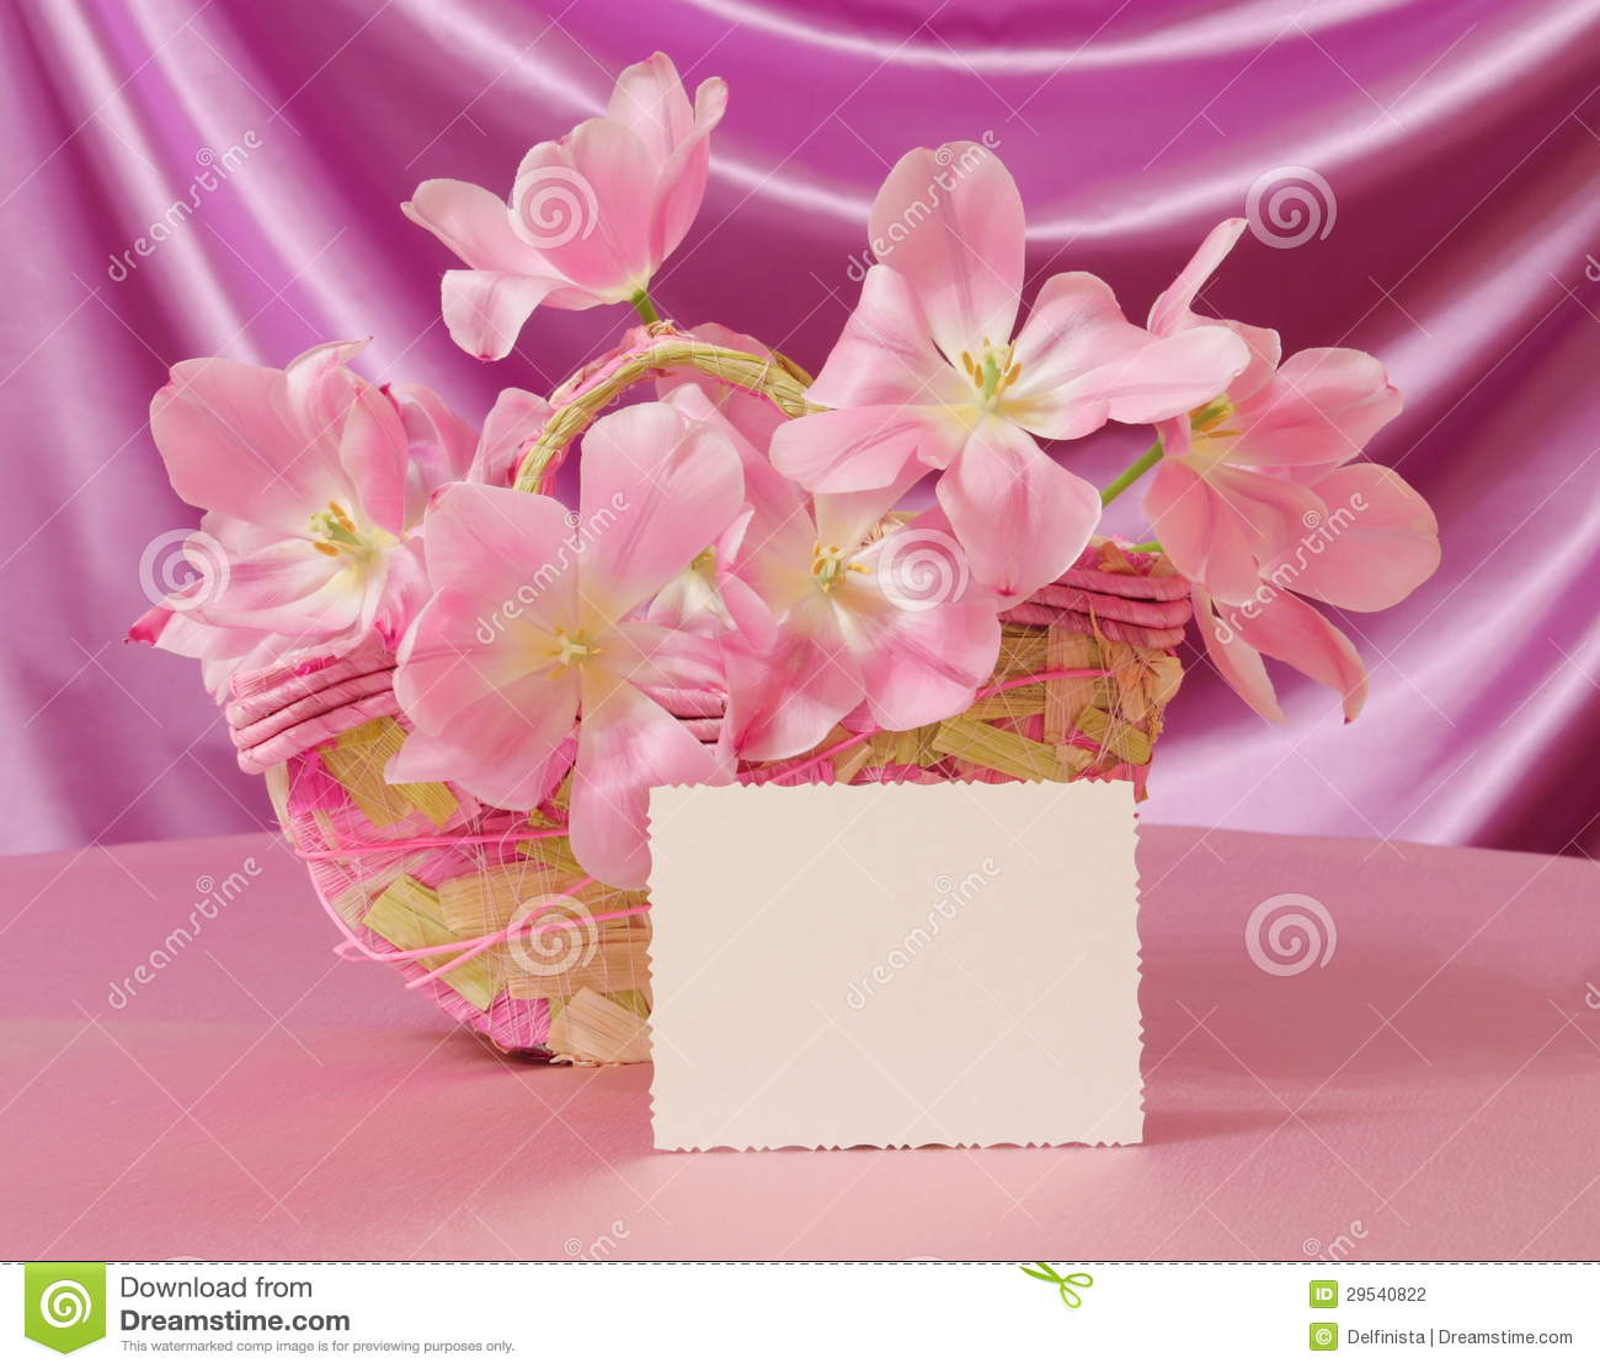 Mutter-Tageskarte oder Ostern-Bild - Foto auf lager